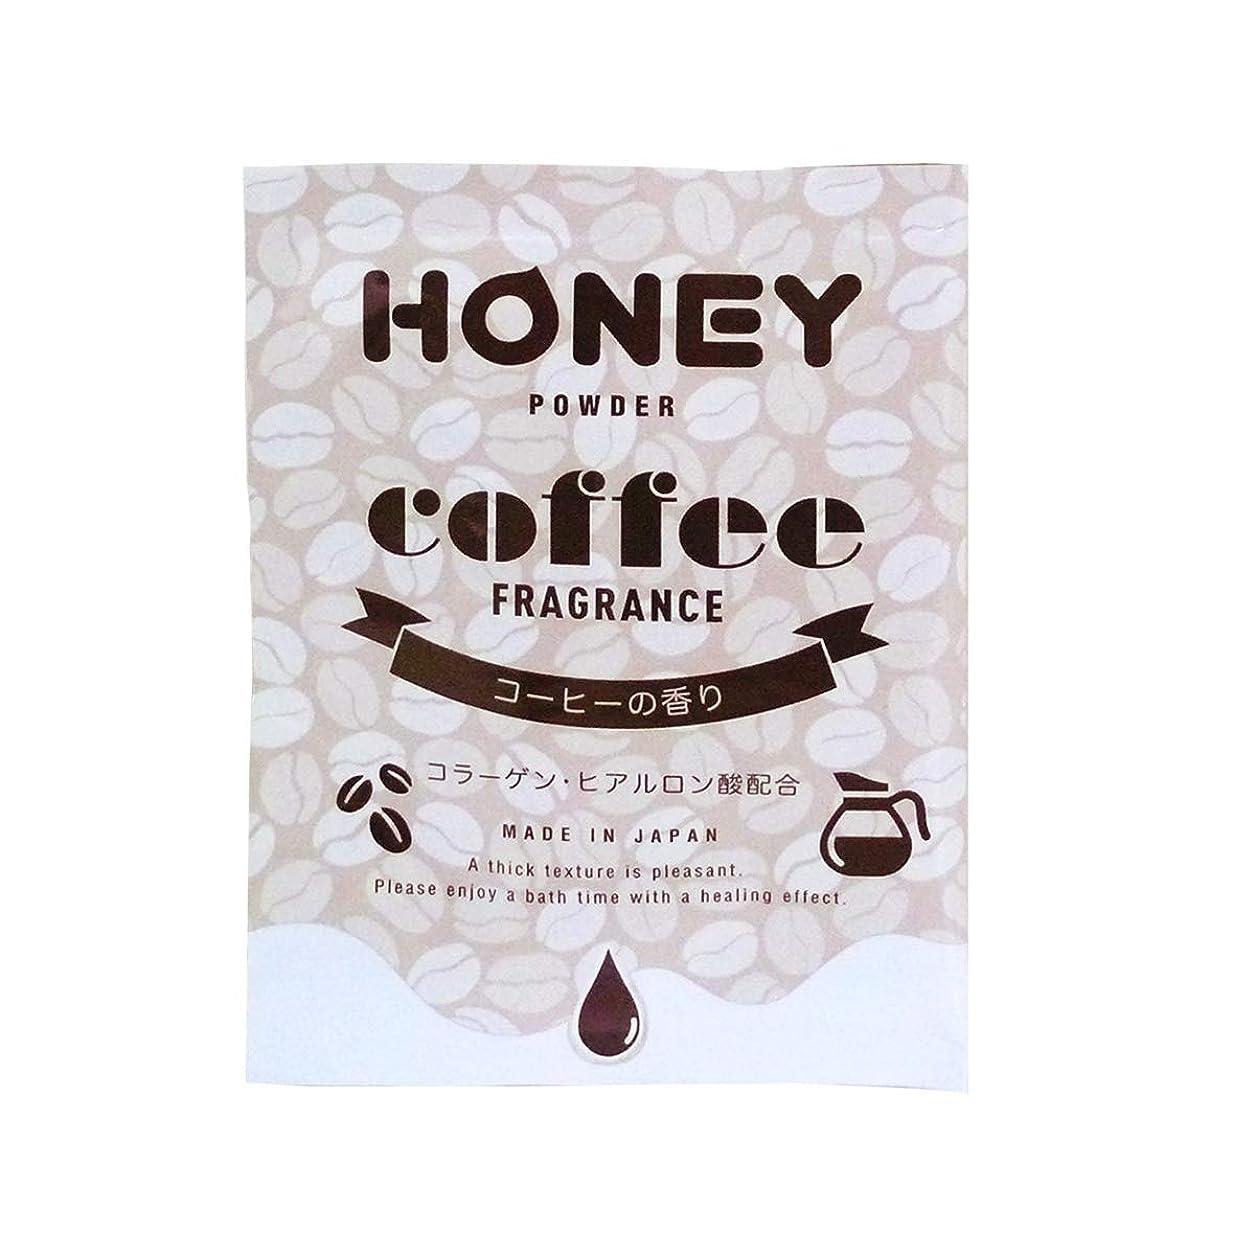 外交実施する波とろとろ入浴剤【honey powder】(ハニーパウダー) コーヒーの香り 粉末タイプ ローション